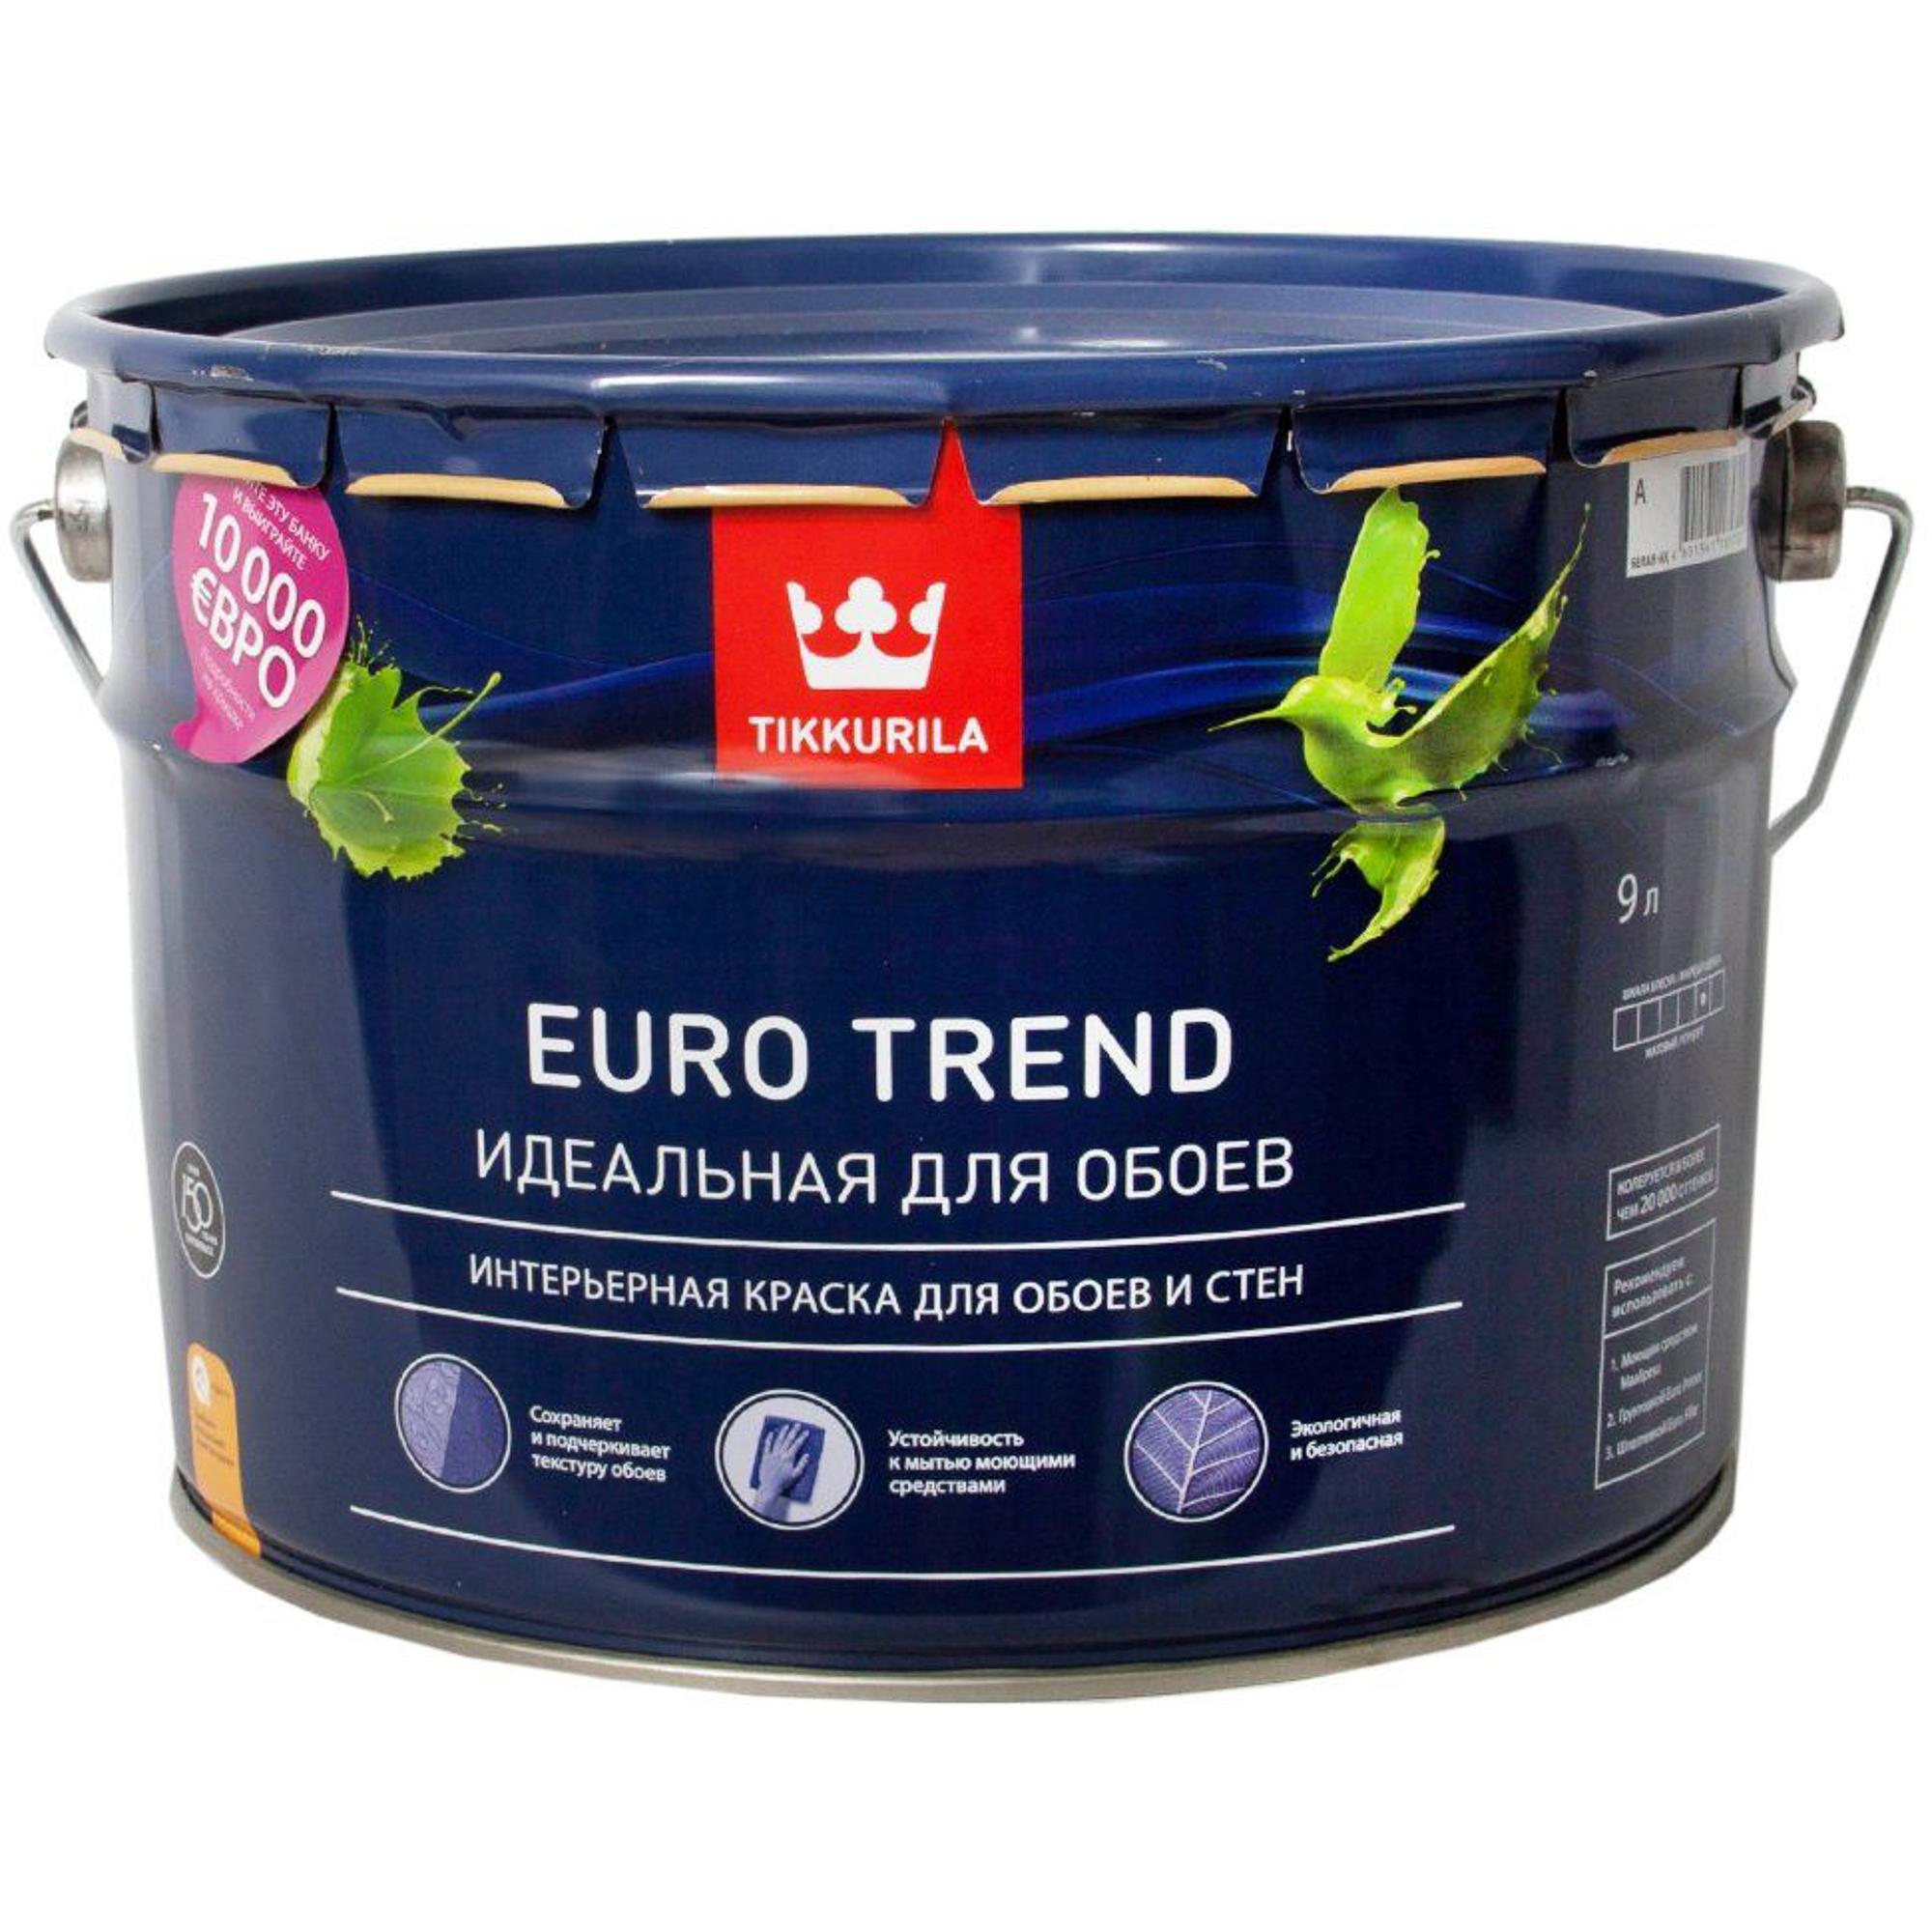 Краска tikkurila euro trend интерьерная для обоев и стен 9 л краска в д tikkurila для обоев и стен моющаяся euro trend матовая 0 9л база a